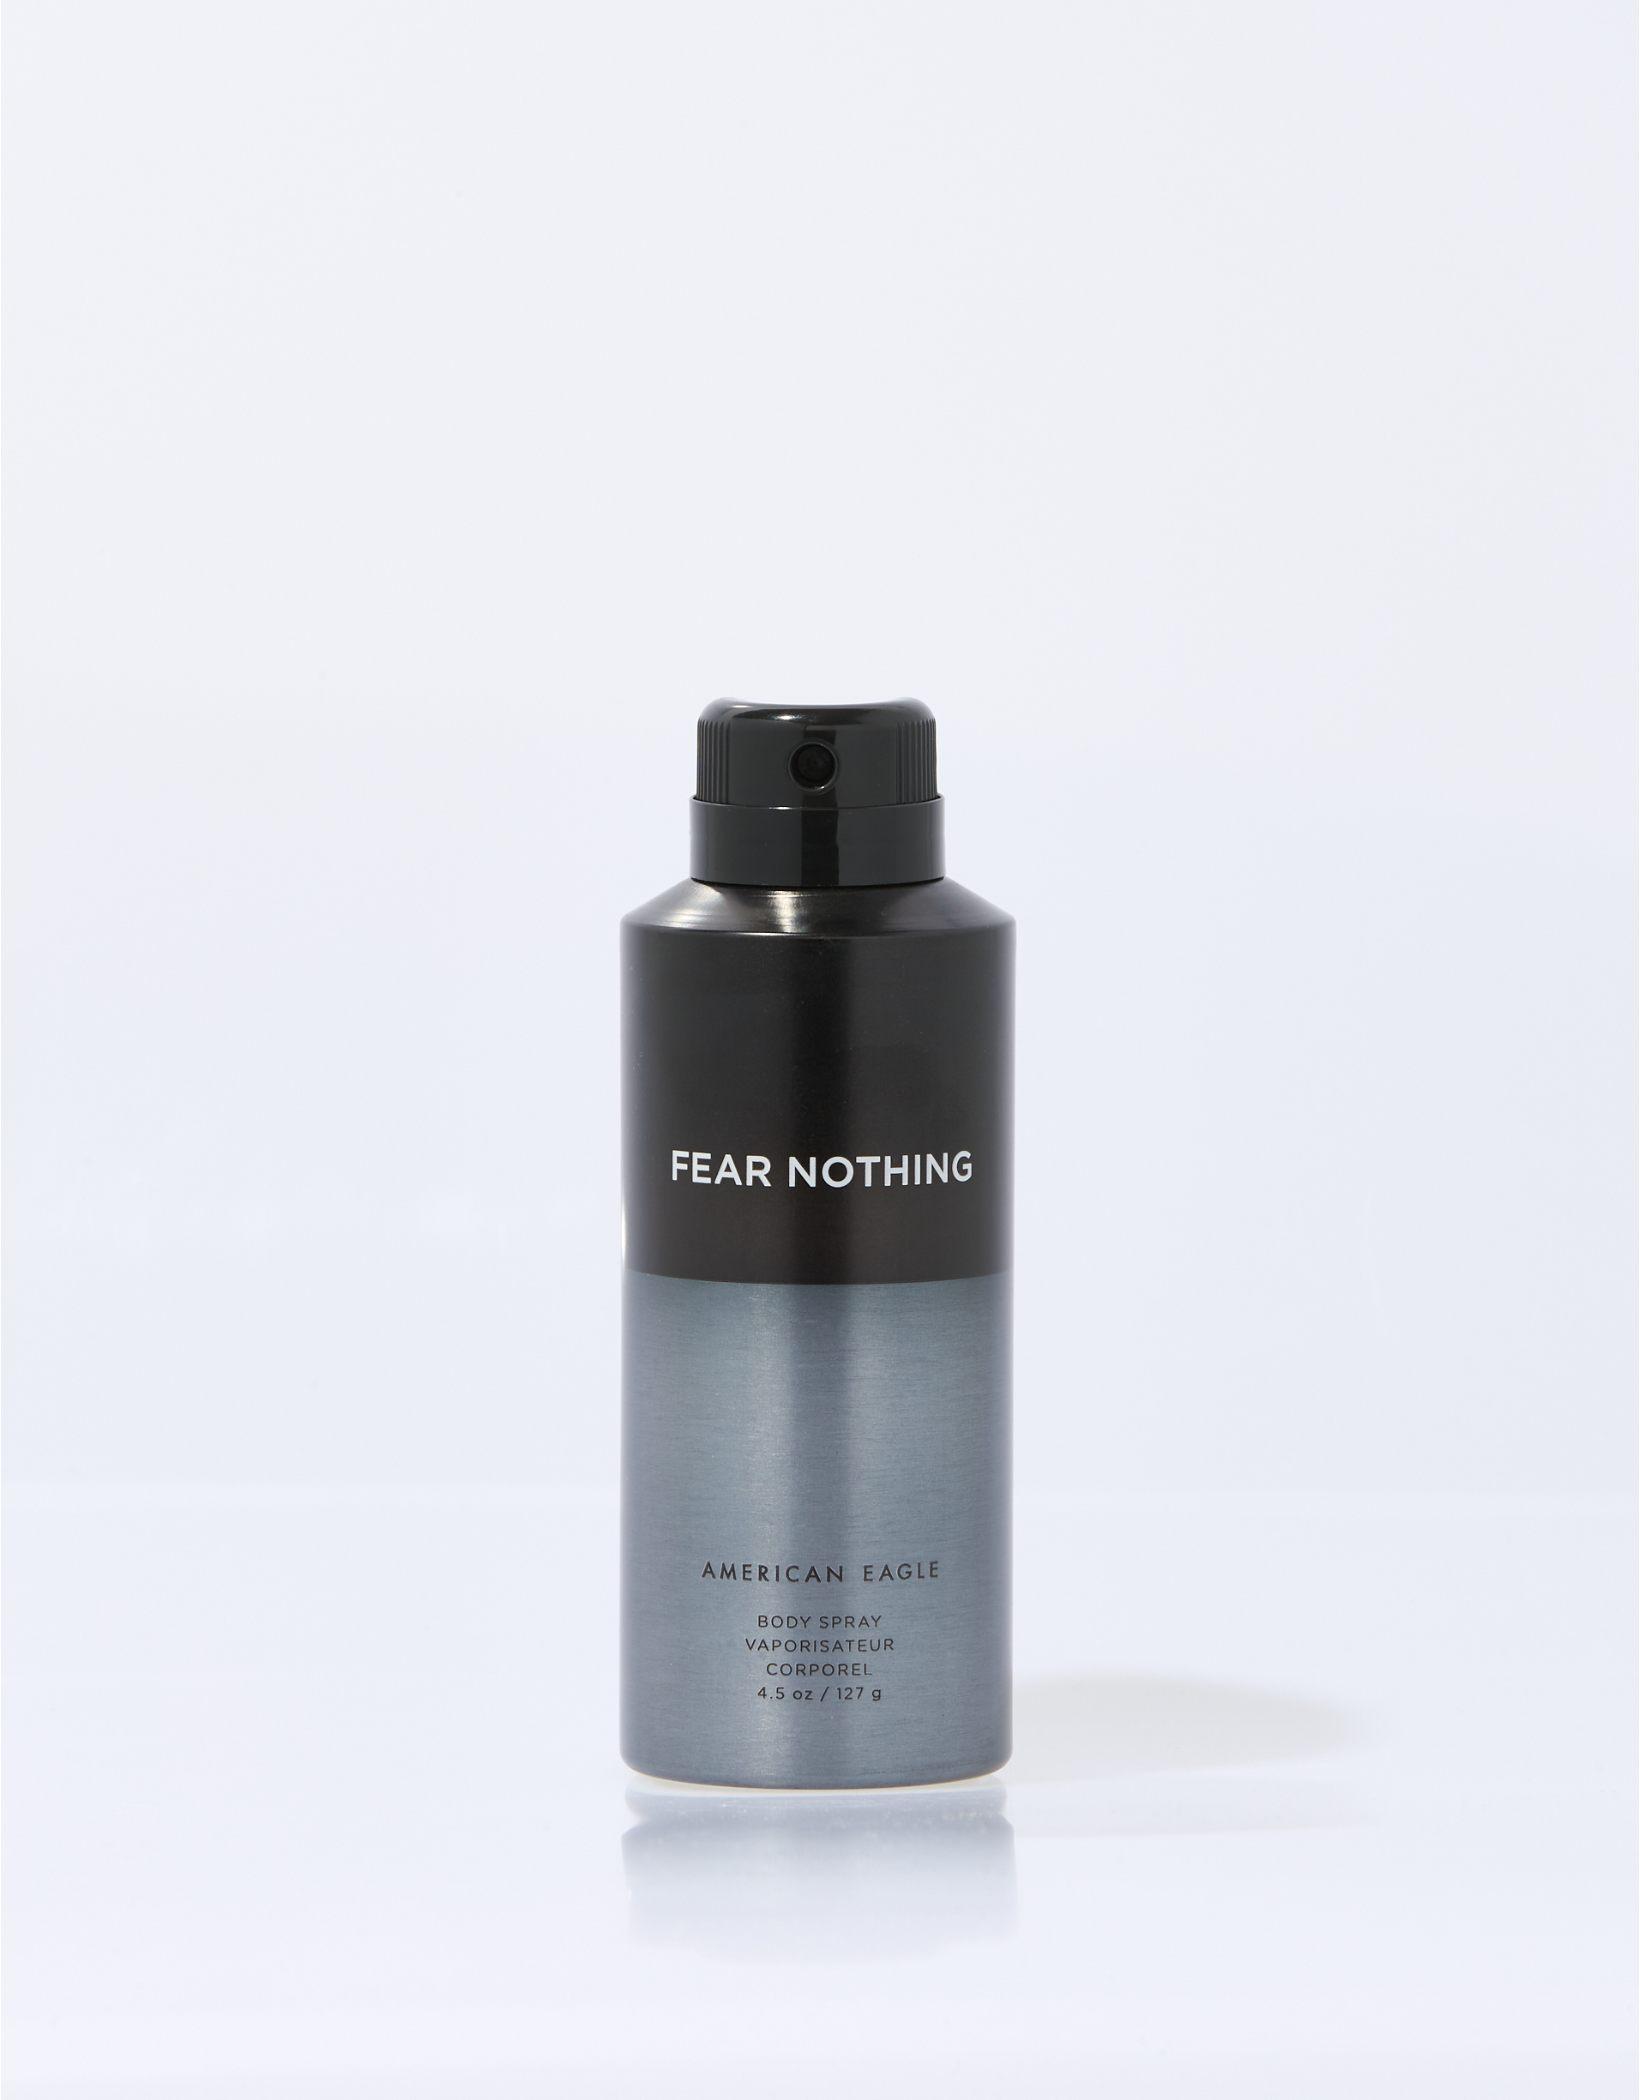 AEO Fear Nothing Body Spray